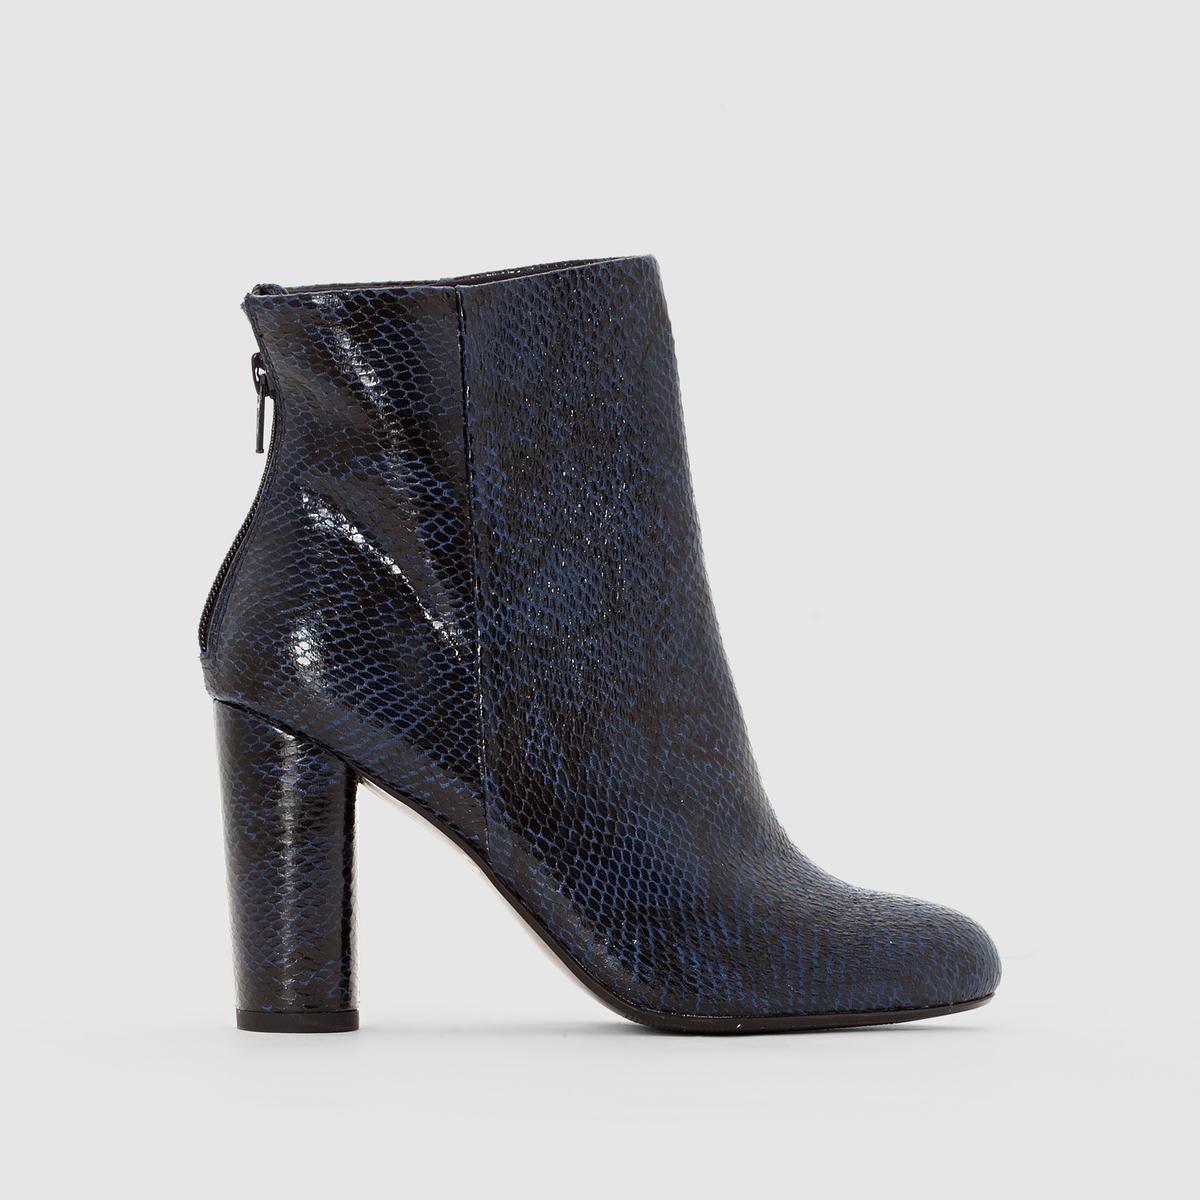 Ботильоны с эффектом кожа питона, на каблукахМарка : Mademoiselle R. ВерхВерх : синтетика.Подкладка : текстильСтелька : кожа.Подошва : из эластомера.Высота каблука : 9 см.Форма каблука: широкая Носок : круглый Застежка : на молнии сбоку<br><br>Цвет: темно-синий<br>Размер: 41